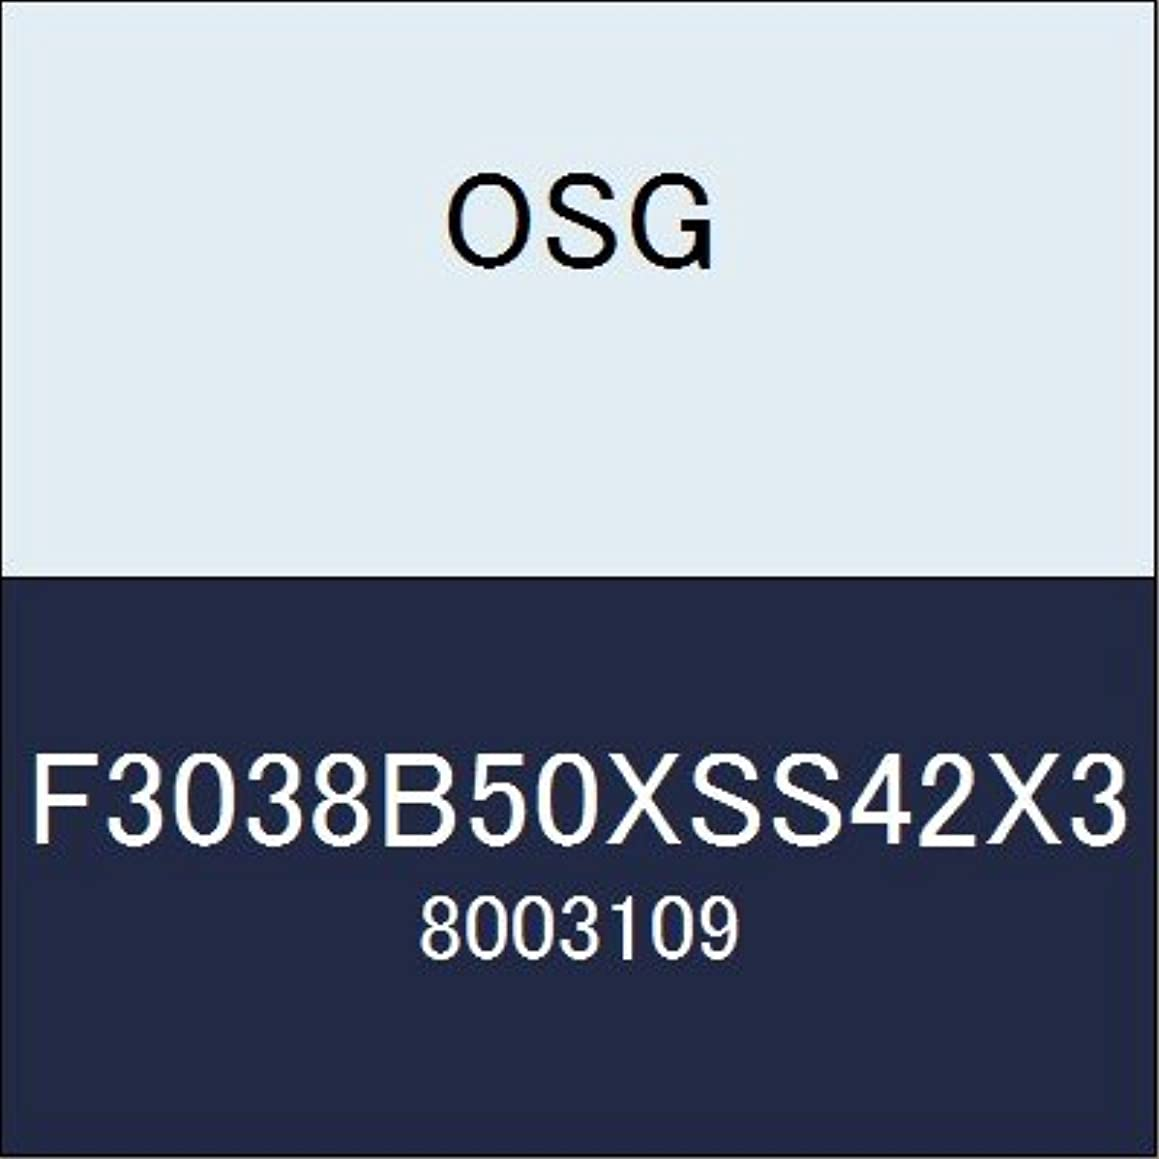 注釈好色な達成するOSG カッター F3038B50XSS42X3 商品番号 8003109